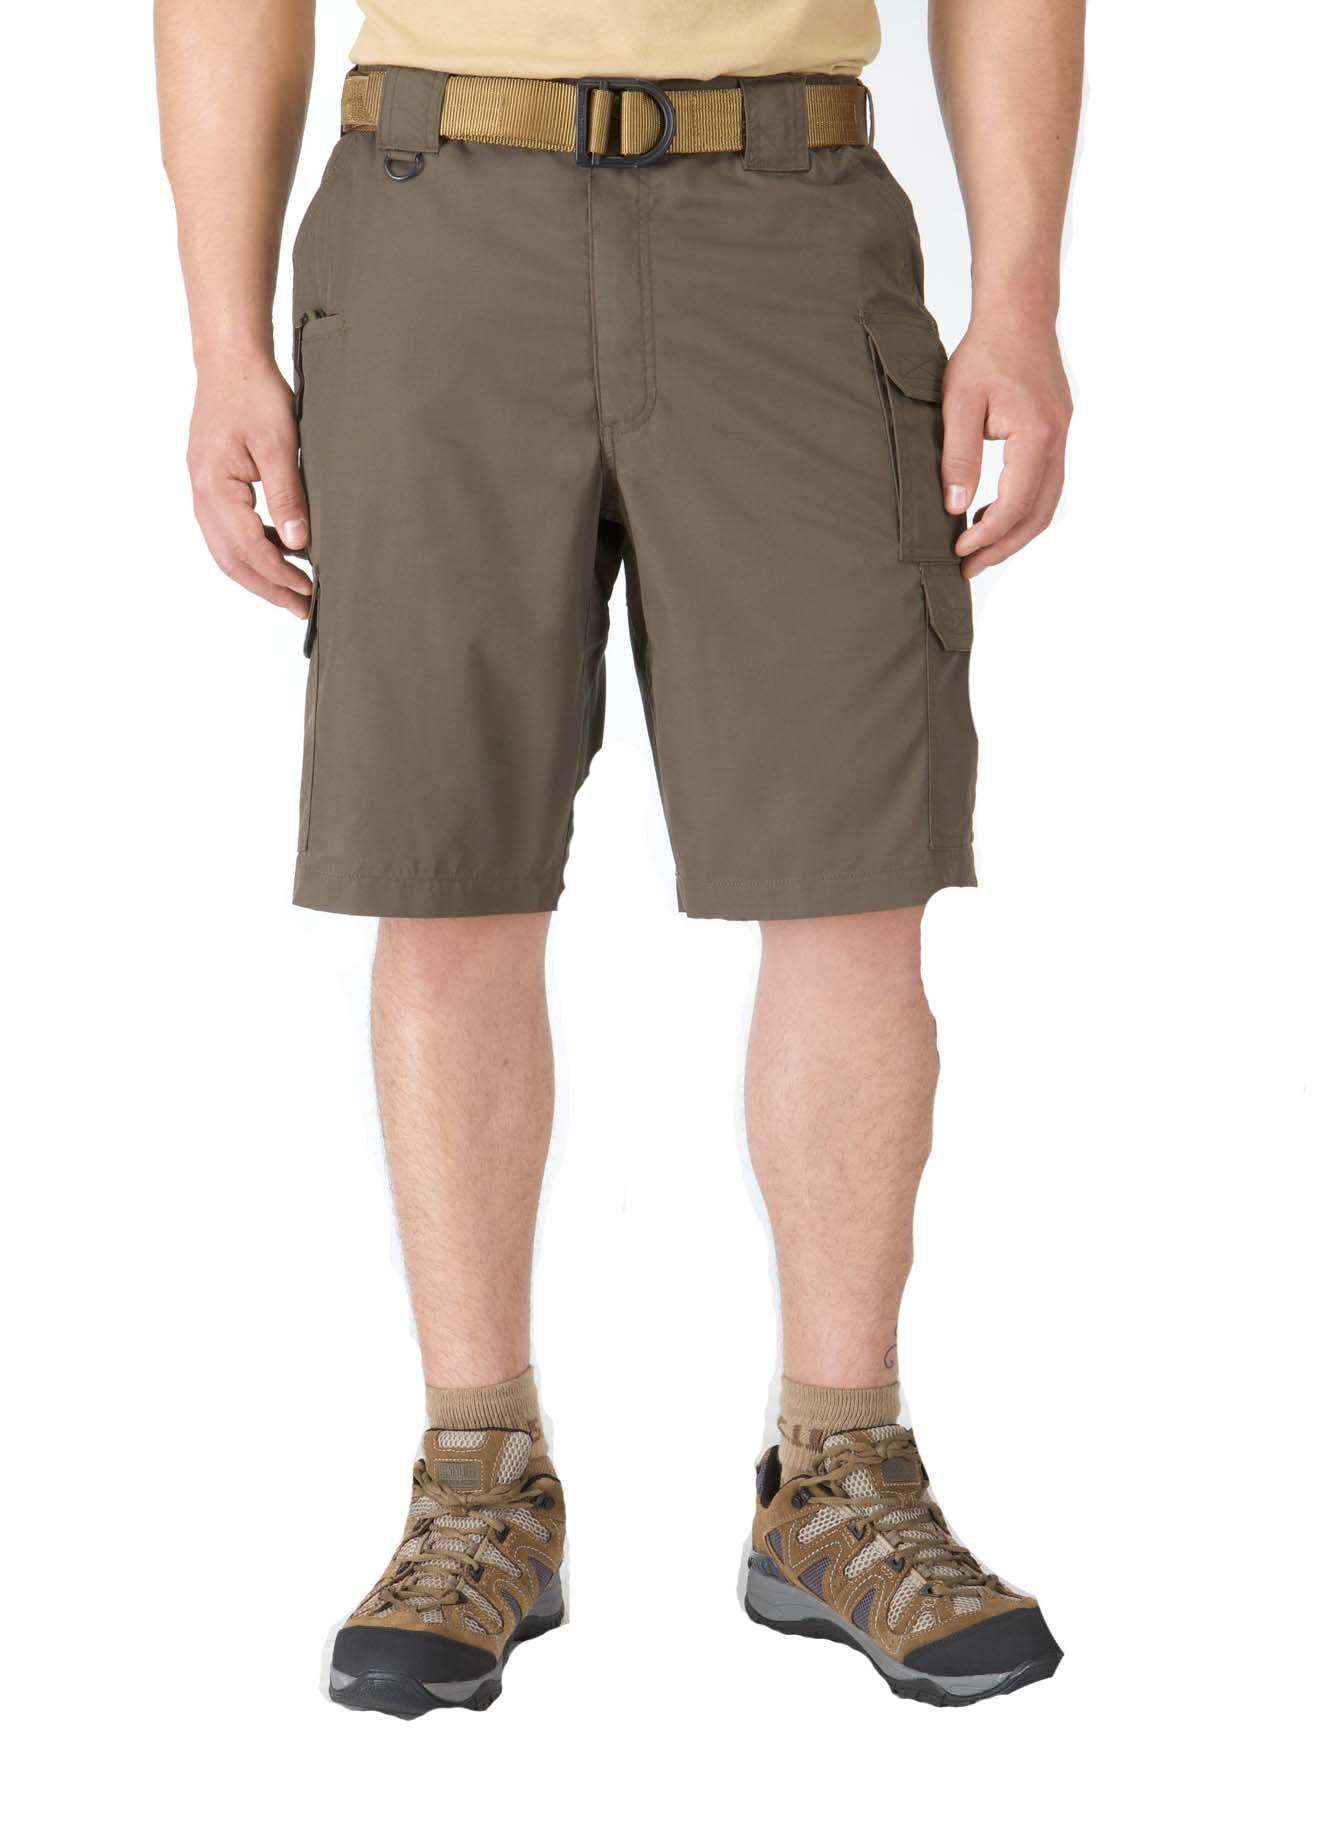 5.11 Tactical Taclite Shorts,Tundra,36